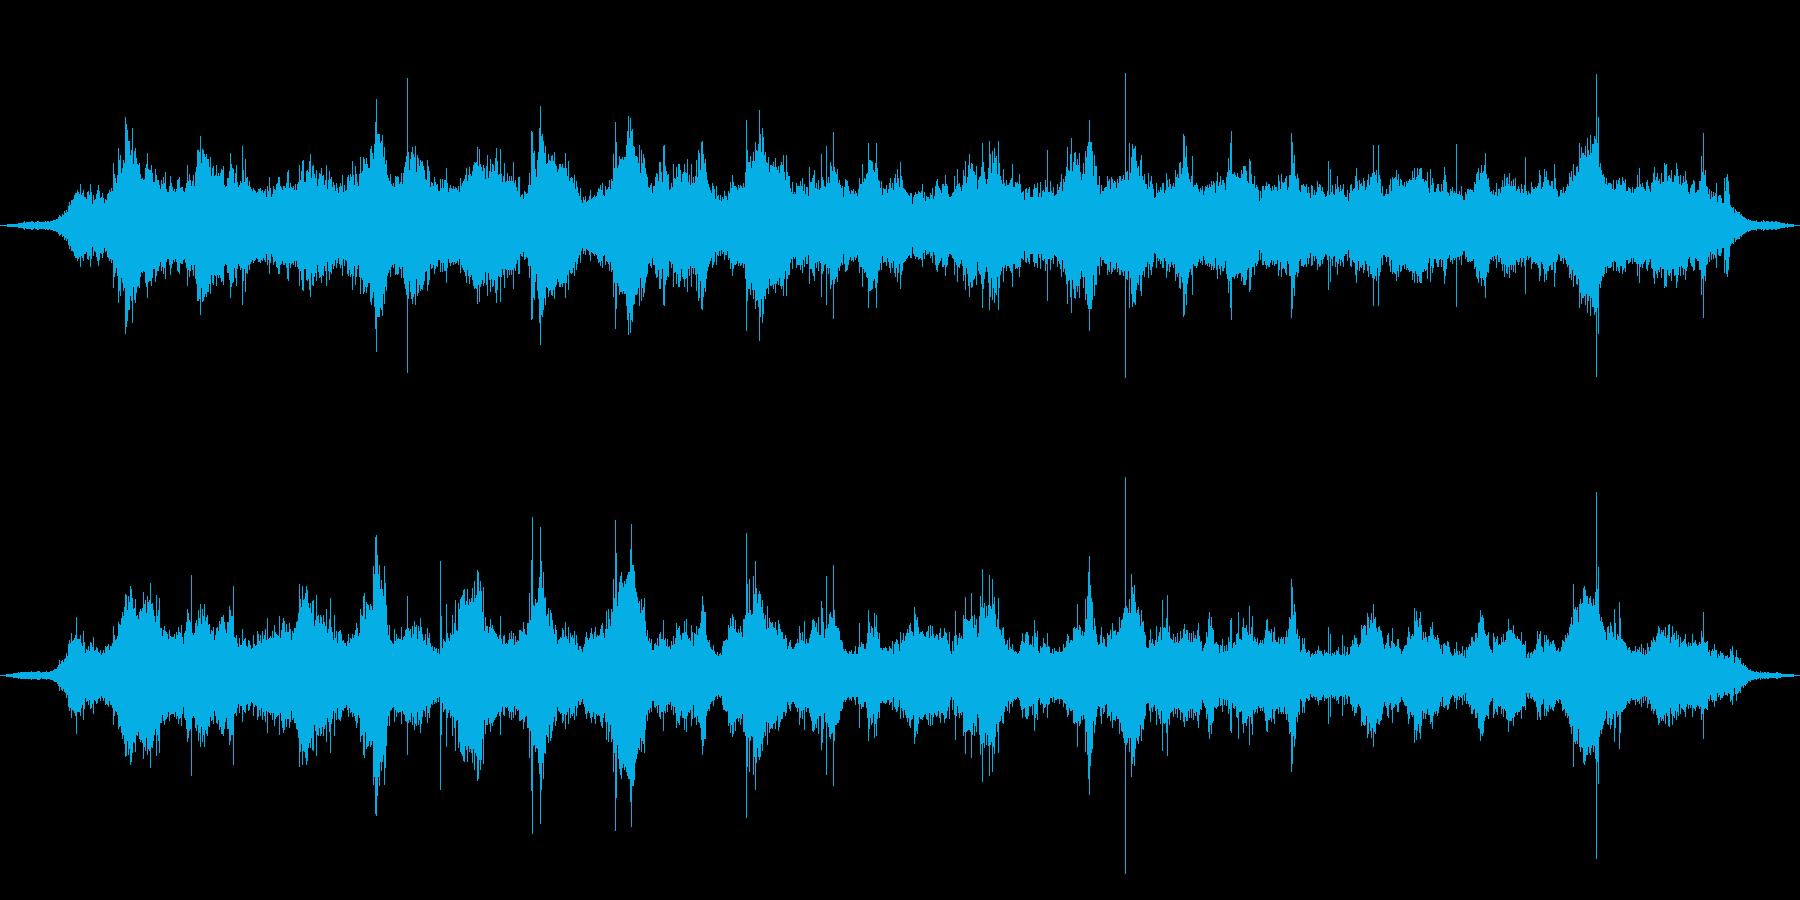 内海の波打ち際、穏やかな波音02の再生済みの波形